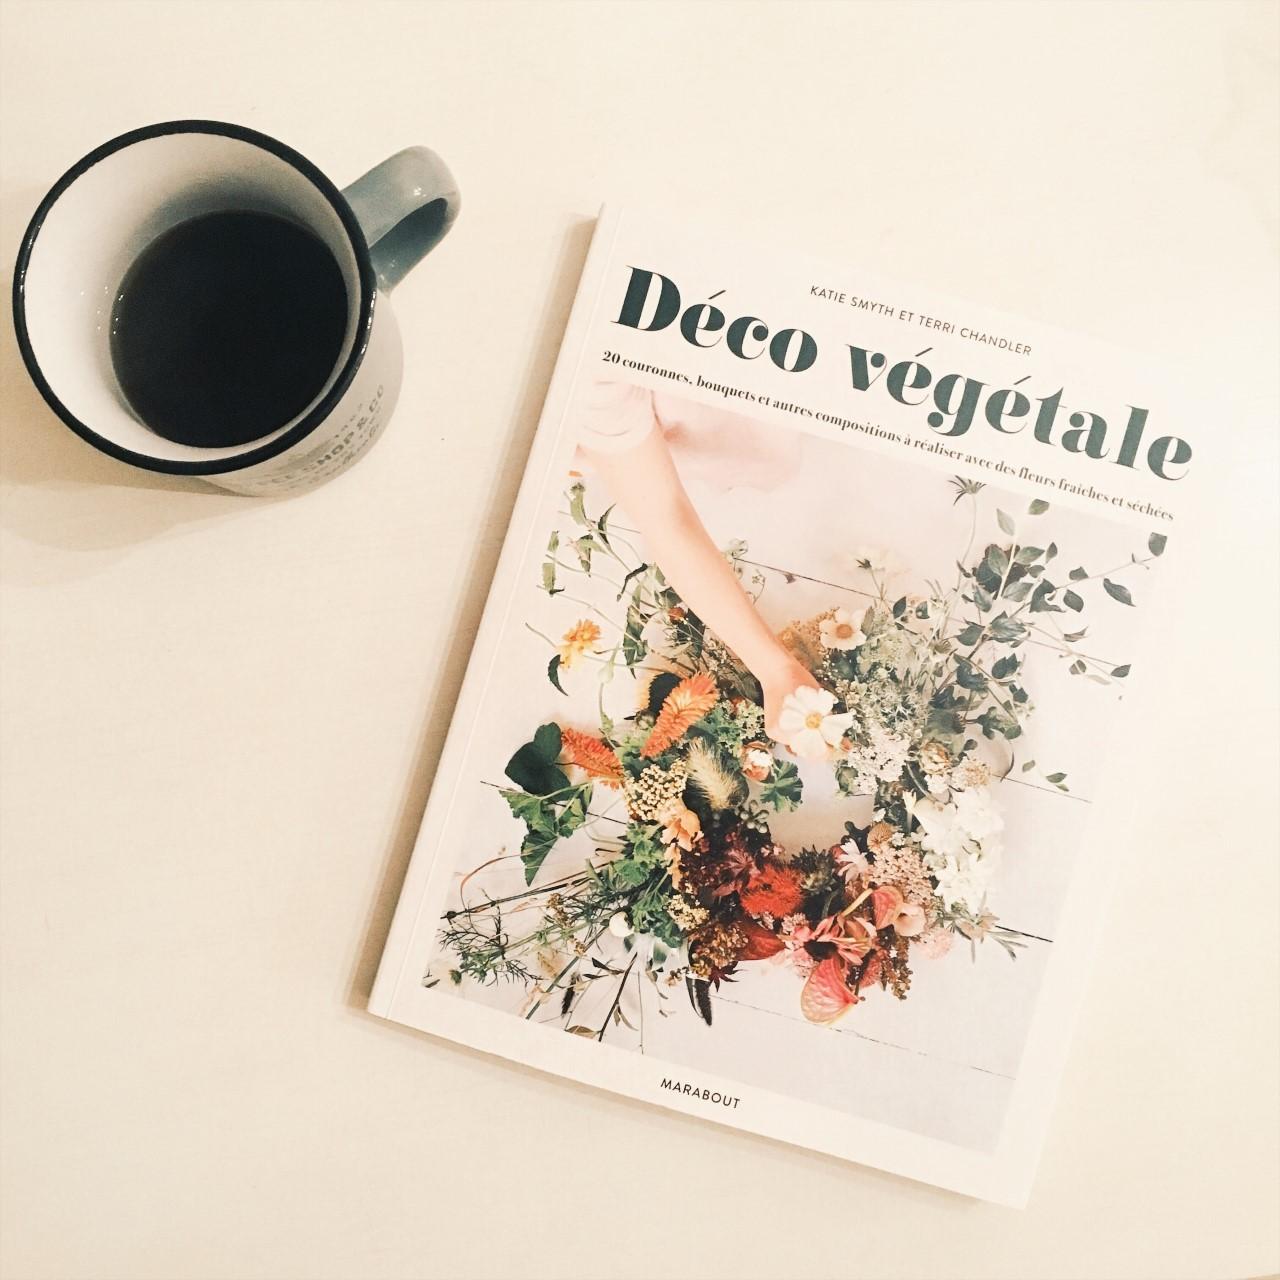 Déco végétale de Kate Smyth et Terri Chandler